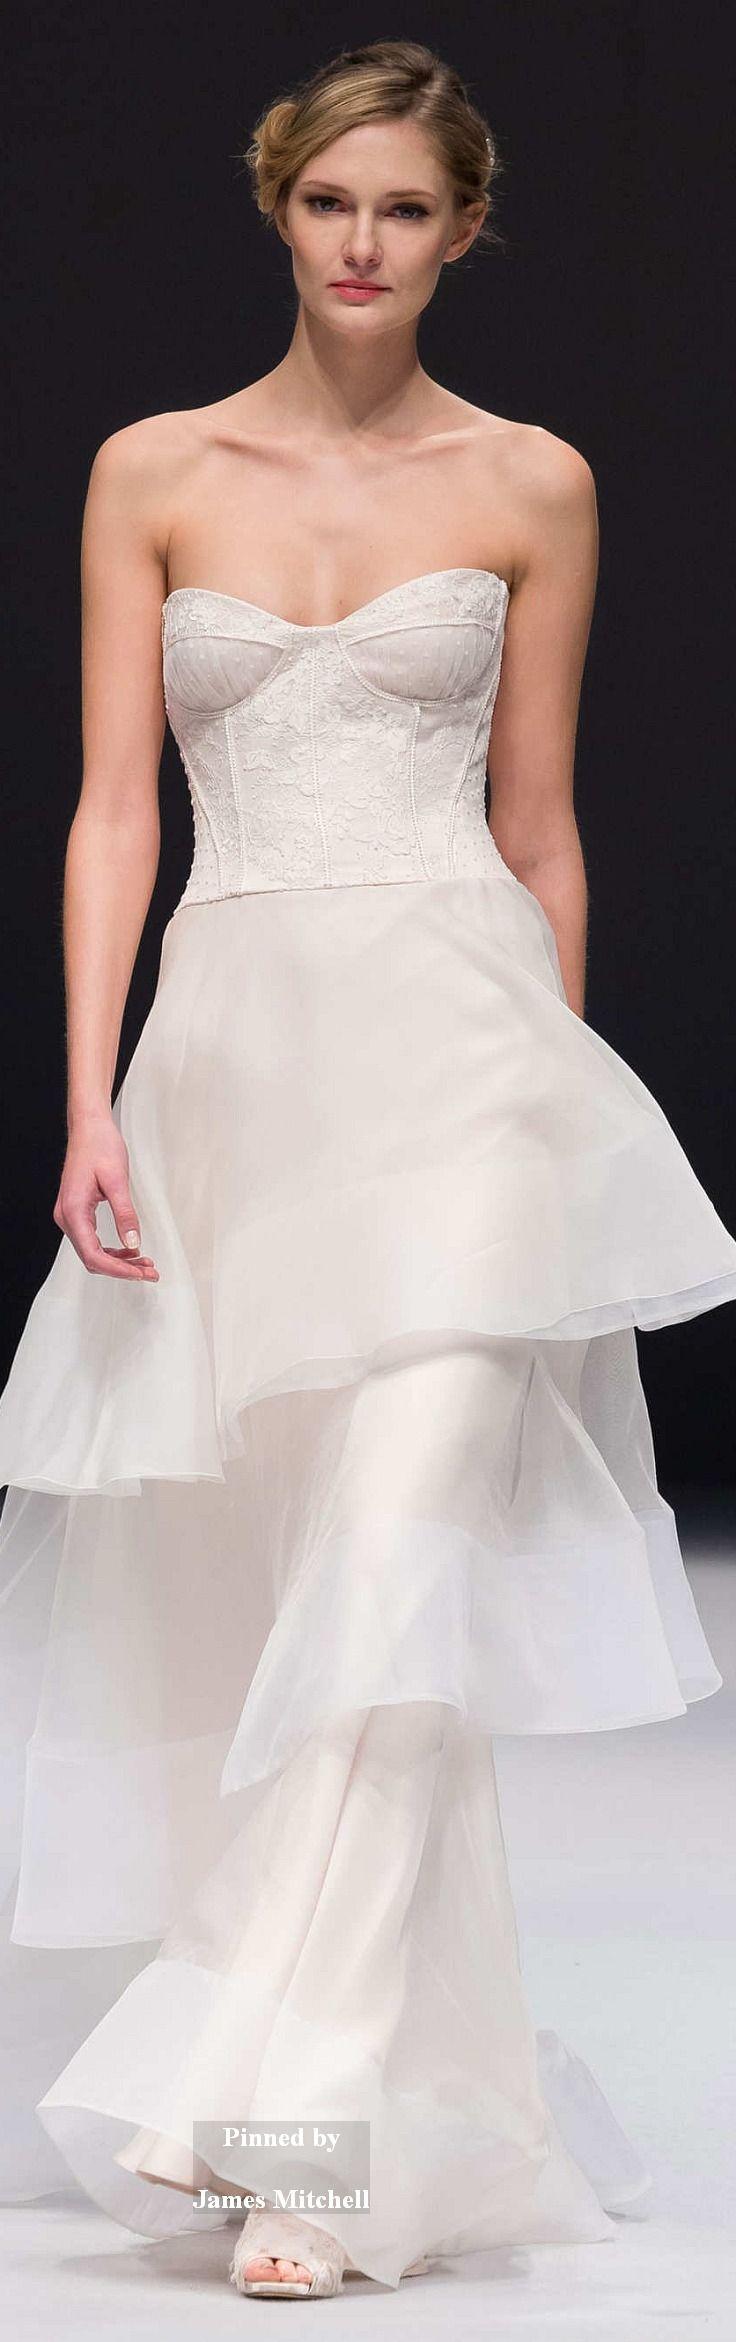 9 besten Wedding Dress Bilder auf Pinterest   Hochzeiten ...